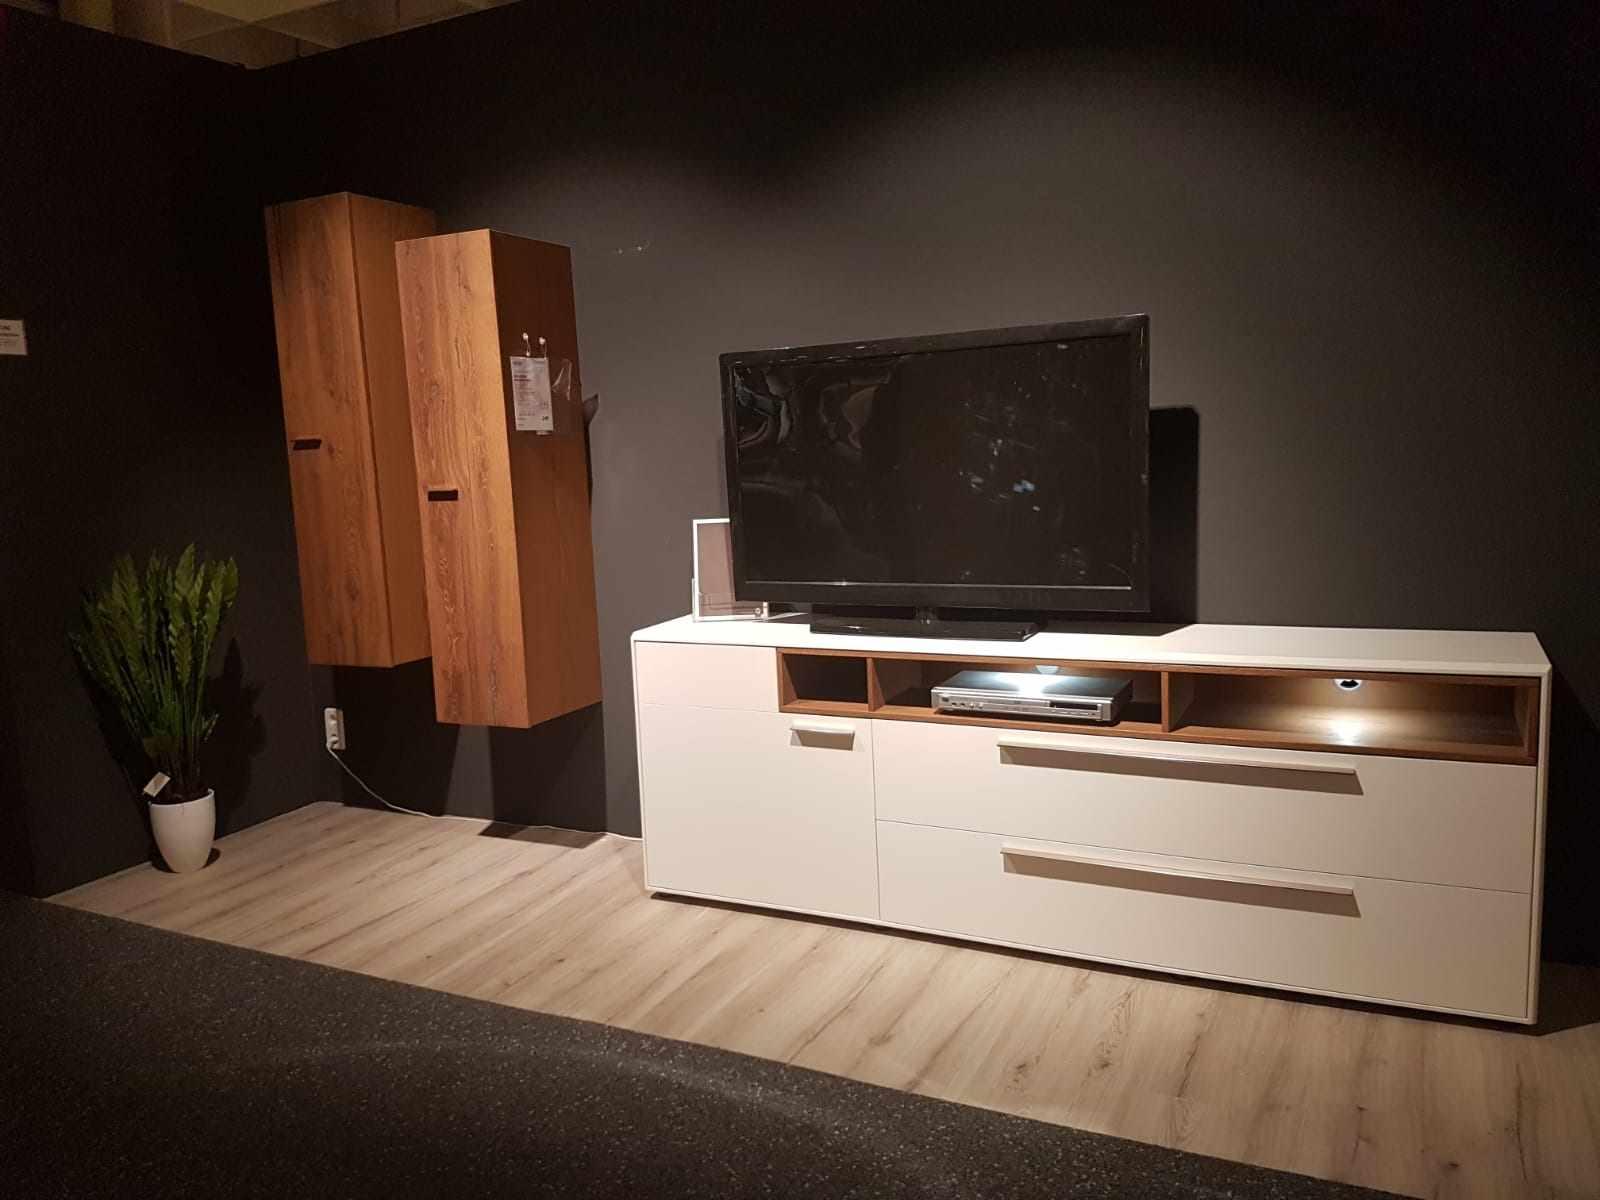 m bel kraft wohntrends in unserem m belhaus in vogelsdorf. Black Bedroom Furniture Sets. Home Design Ideas